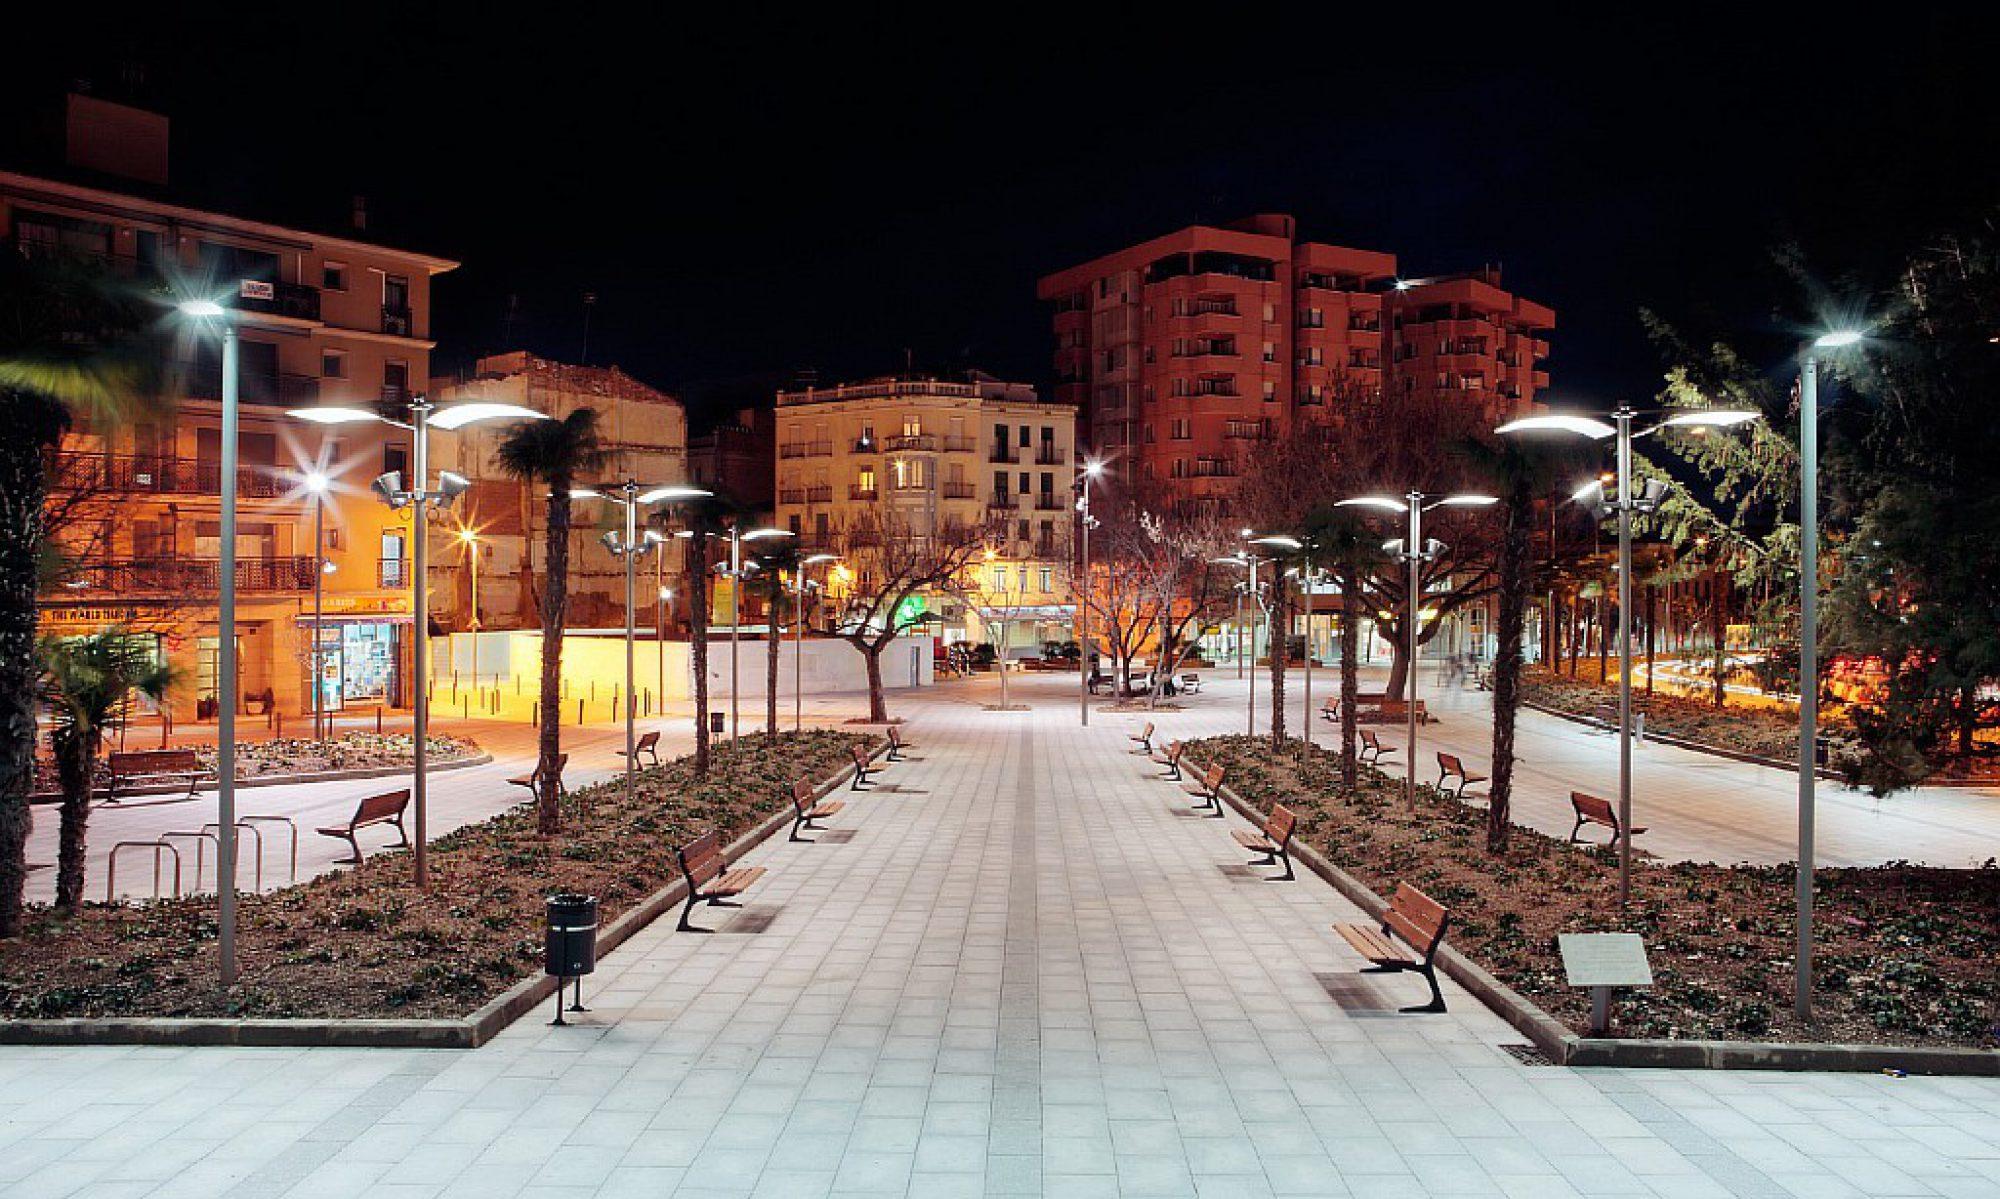 Уличные фонари,опоры освещения металлические,  уличные светильники